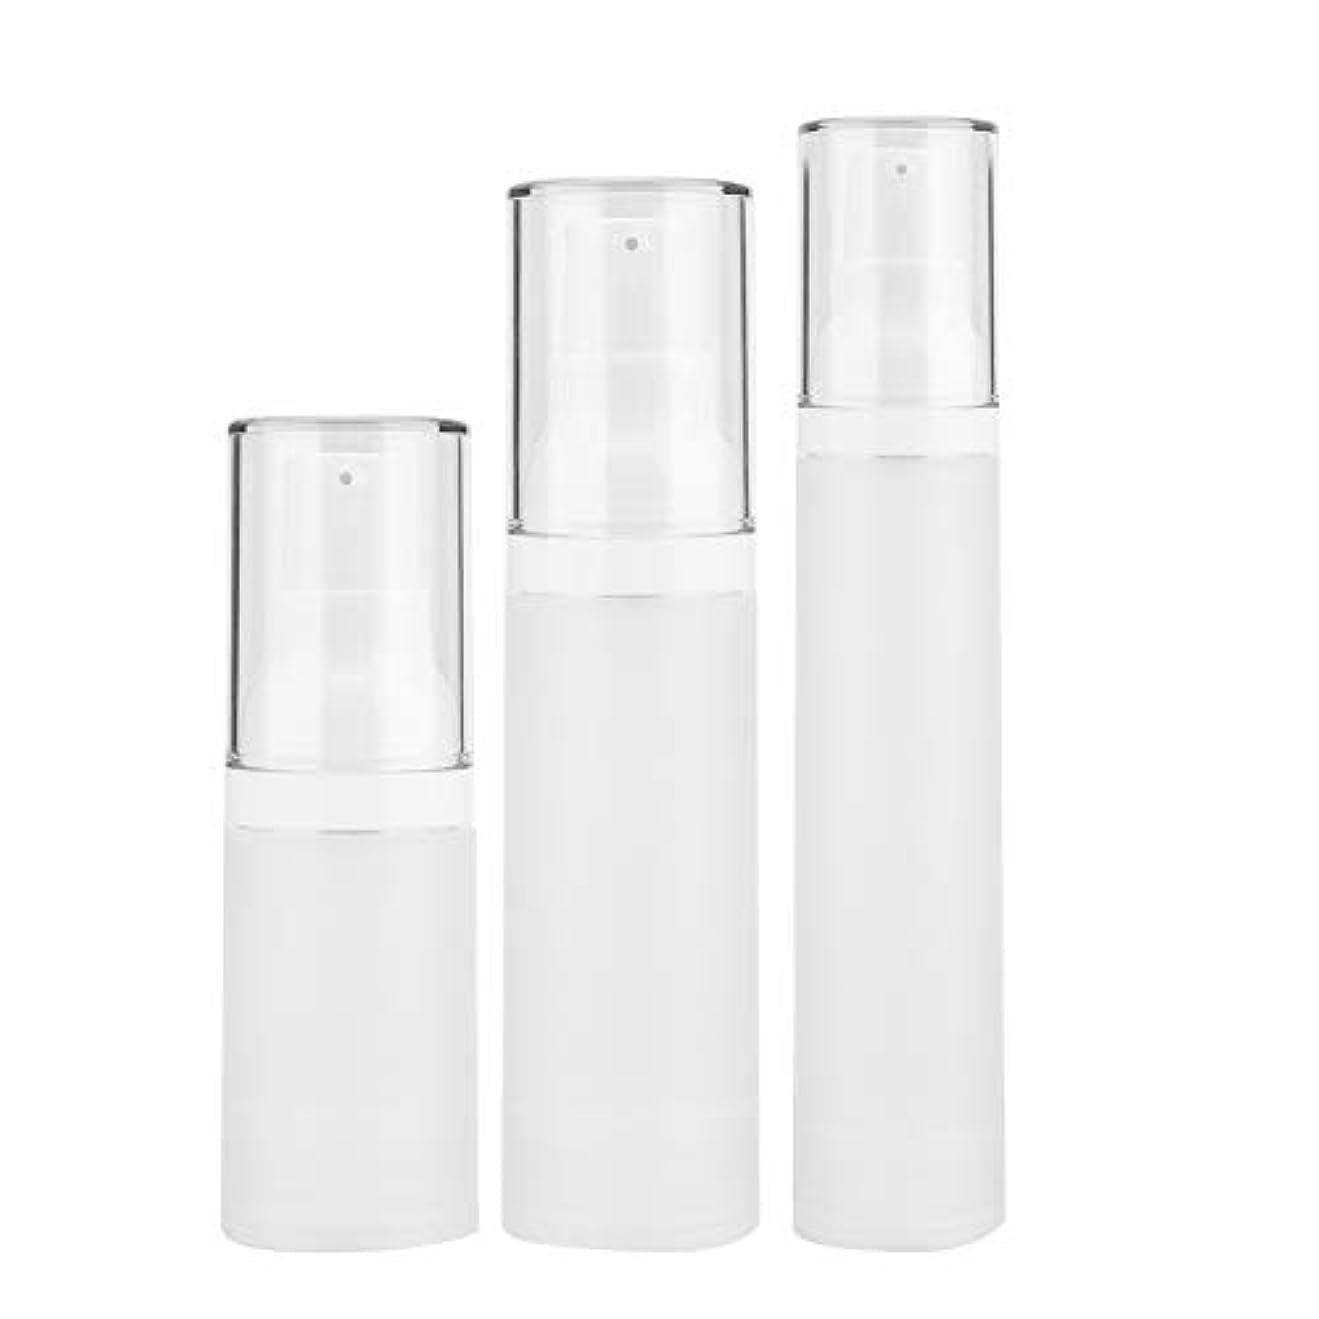 ソフトウェア必要条件咲く3本入りトラベルボトルセット - 化粧品旅行用容器、化粧品容器が空の化粧品容器付きペットボトル - シャンプーとスプレー用(3 pcs)